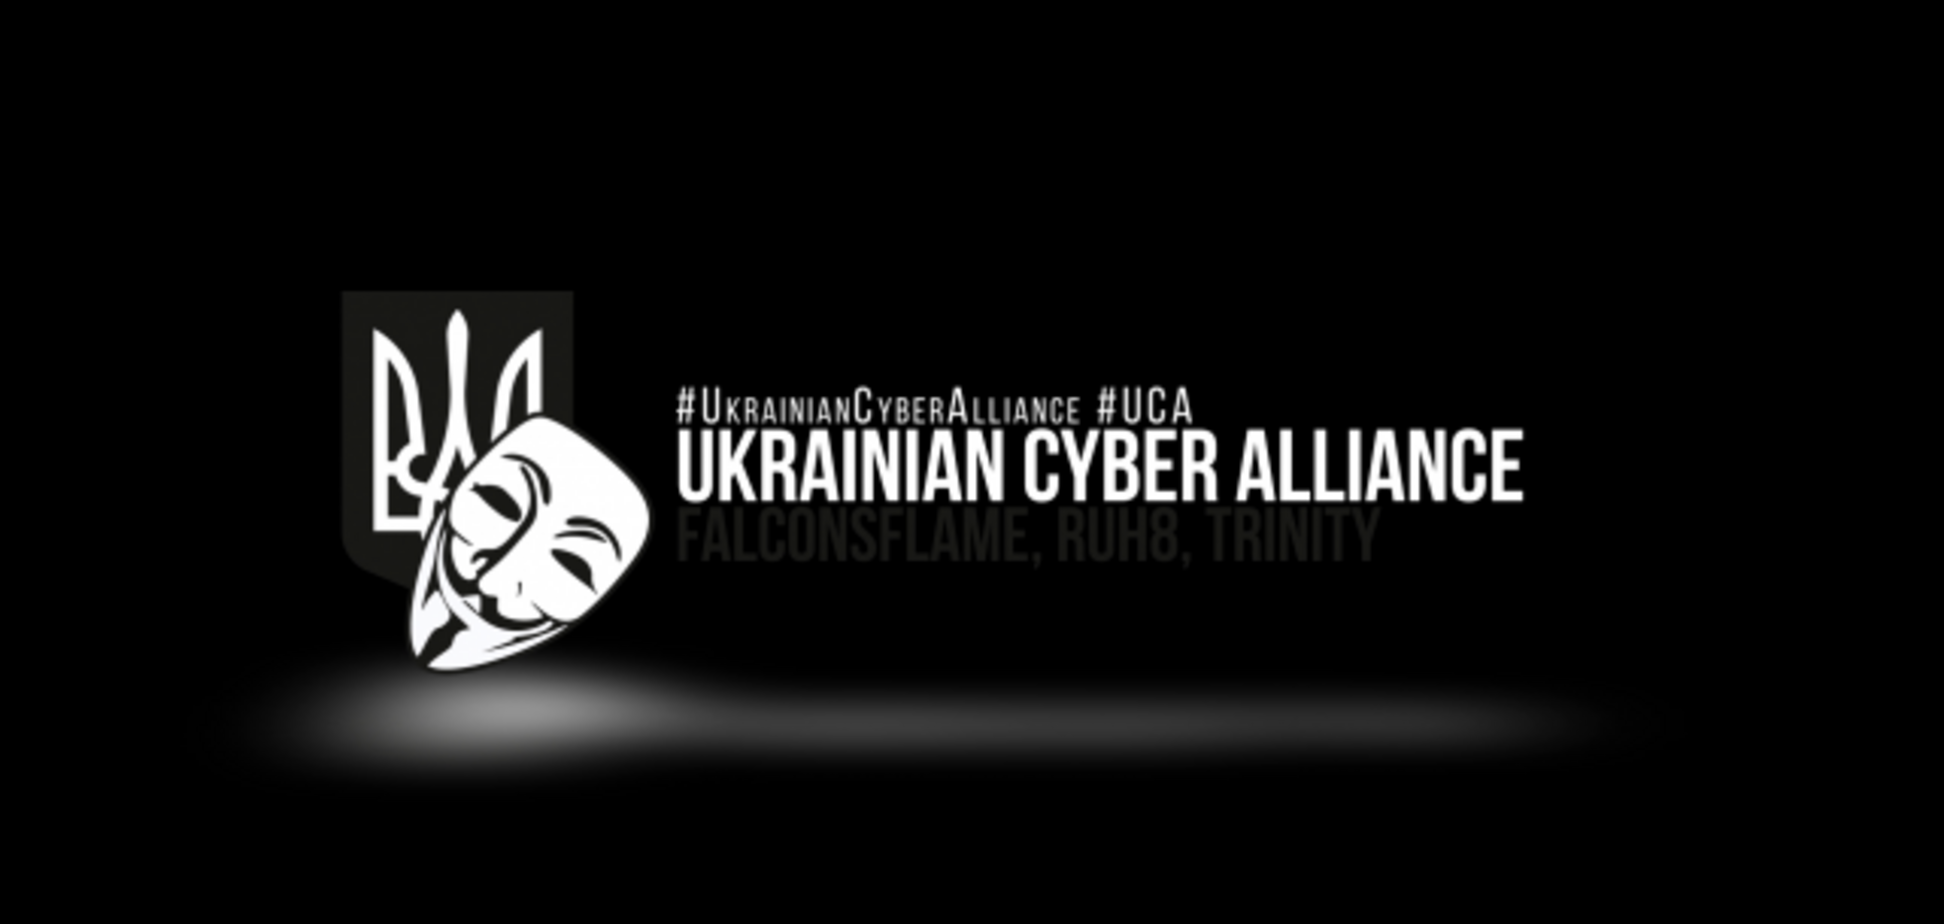 У активистов 'Украинского киберальянса' внезапно устроили обыски